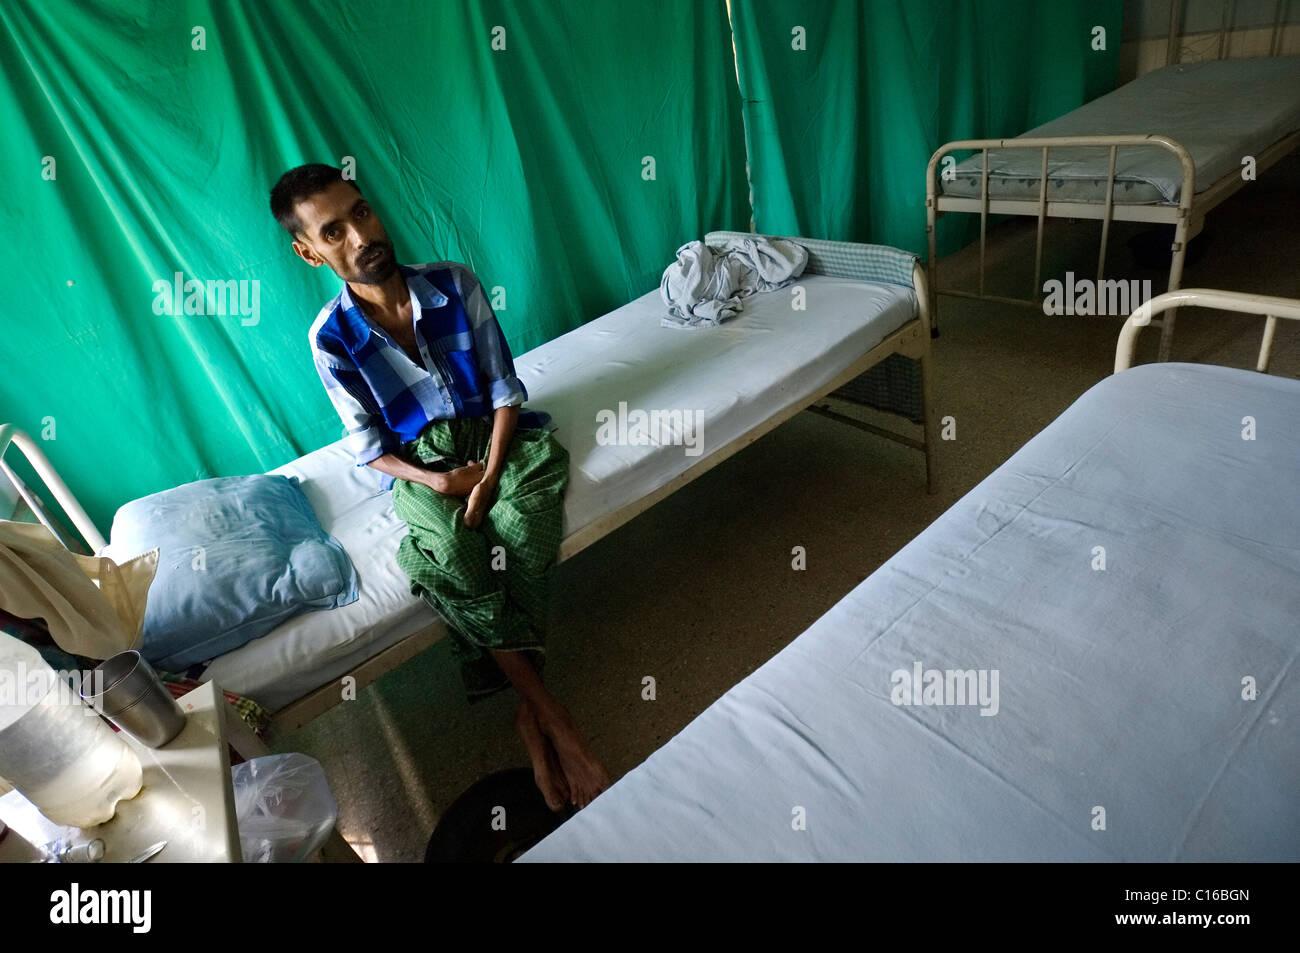 Anwari Mondol, de 35 años, infectado con una cepa mortal de la tuberculosis ha sido admitido en el hospital privado Foto de stock